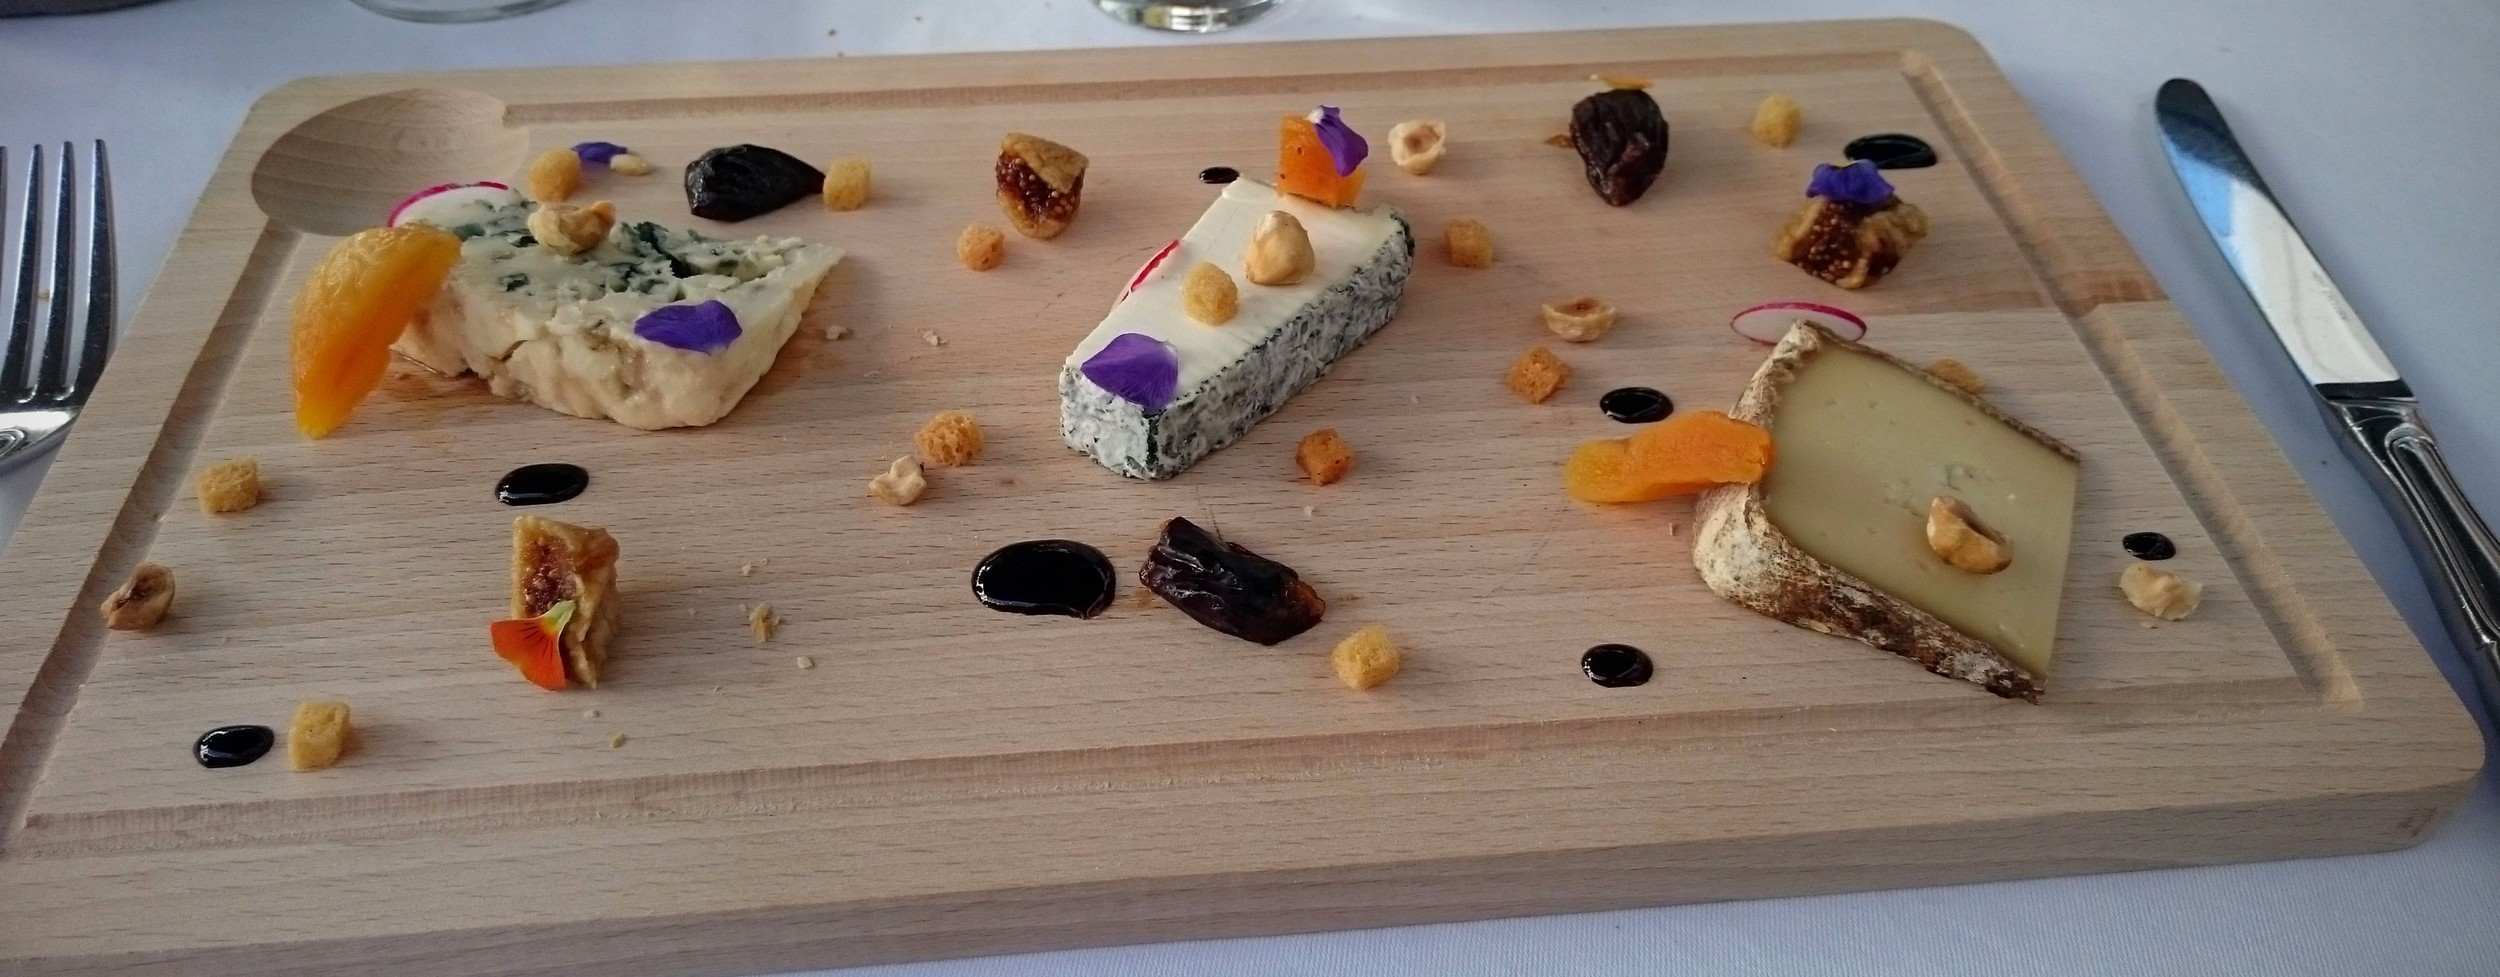 The cheese plate at L'Auberge du Jeu de Paume (from left to right) /L'assiette de fromages à l'Auberge du Jeu de Paume : Roquefort , Pouligny-Saint-Pierre , tomme de Napoléon.